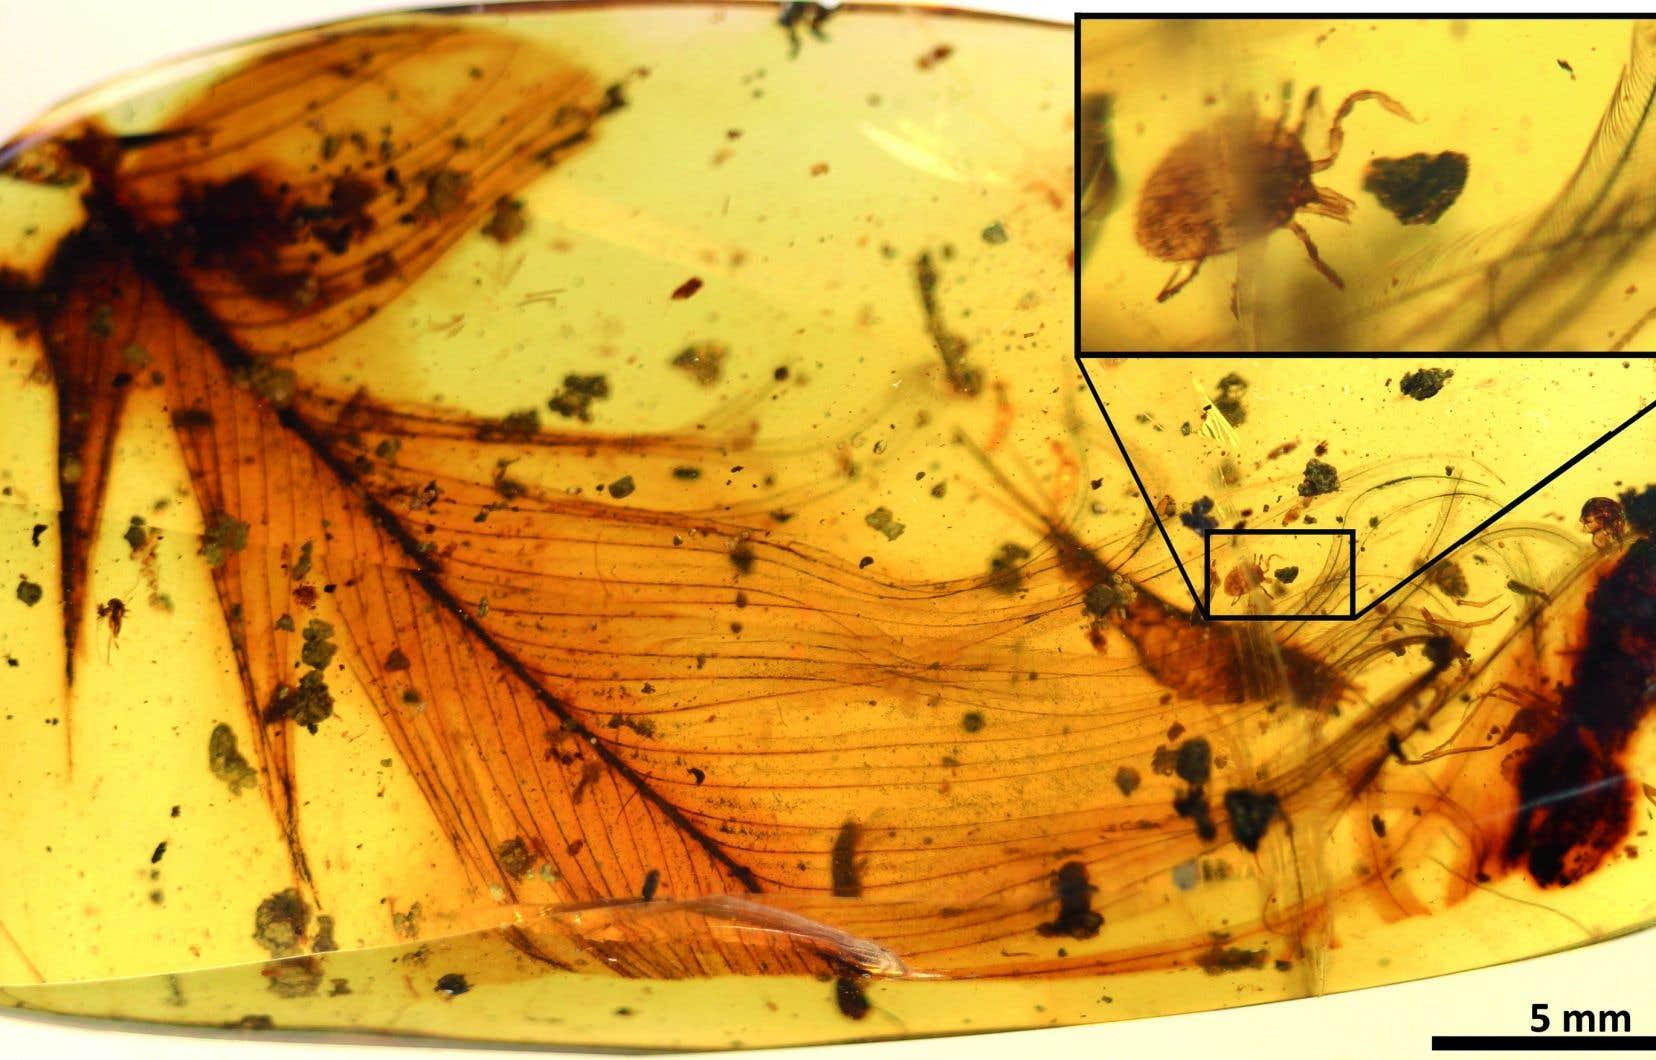 La découverte peut faire penser au film <em>Jurassic Park</em> dans lequel des chercheurs découvrent de l'ADN de dinosaure dans un moustique fossilisé dans de l'ambre.